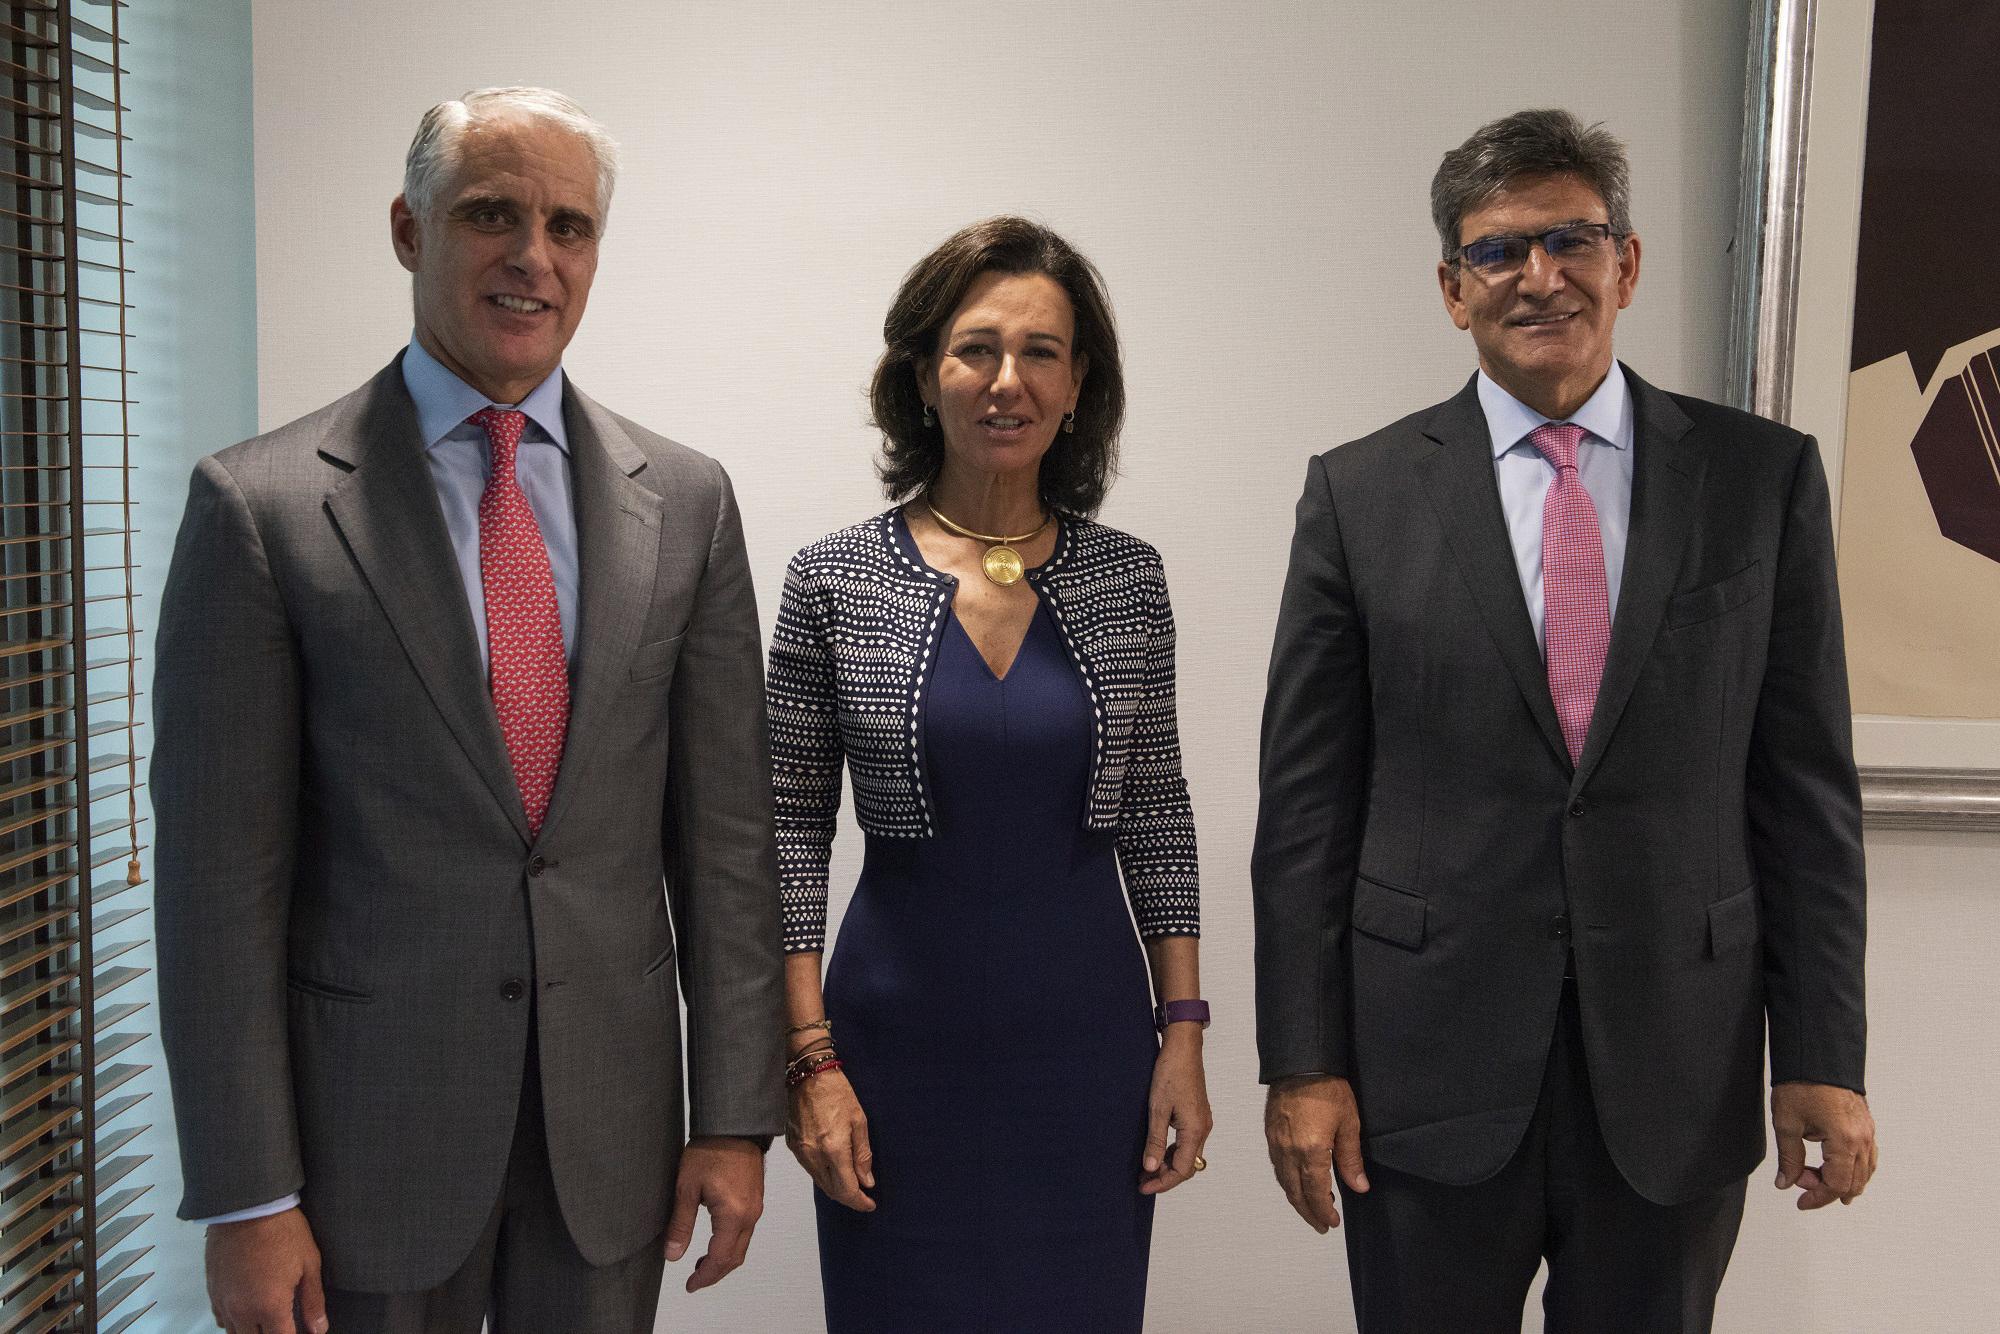 Andrea Orcel y Ana Botín, en la foto de presentación del fichaje del italiano como CEO del Santander.